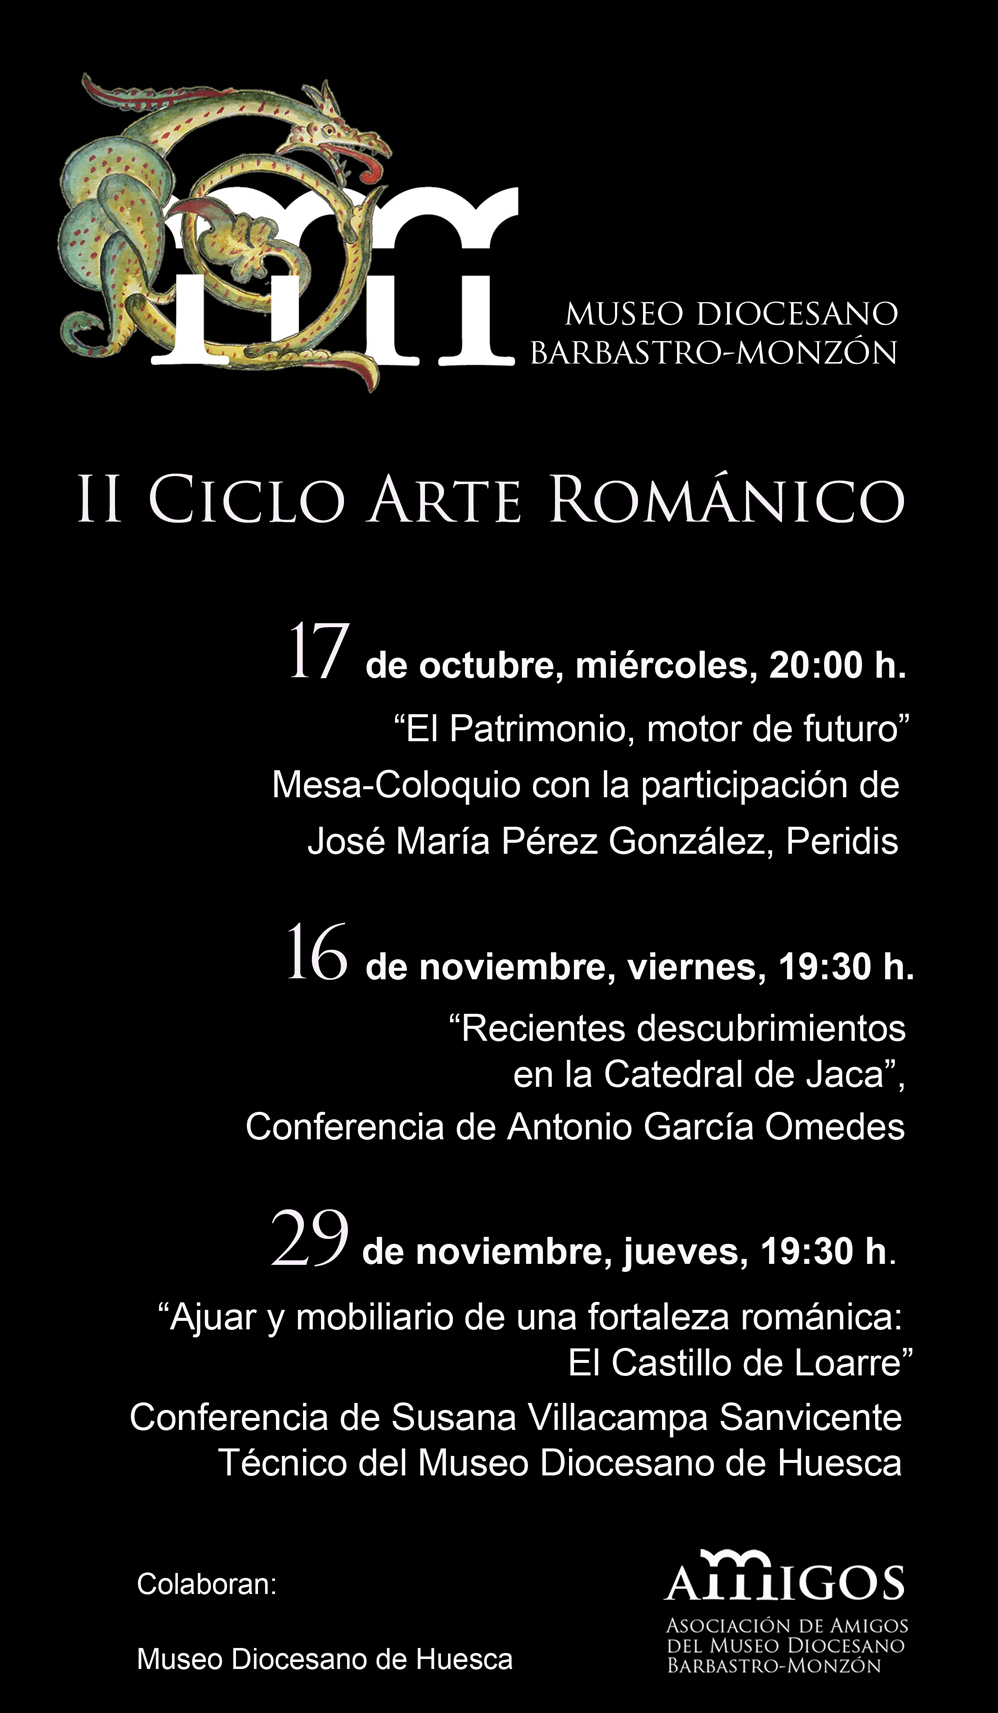 cartel II Ciclo románico en el Museo Diocesano de Barbastro-Monzón